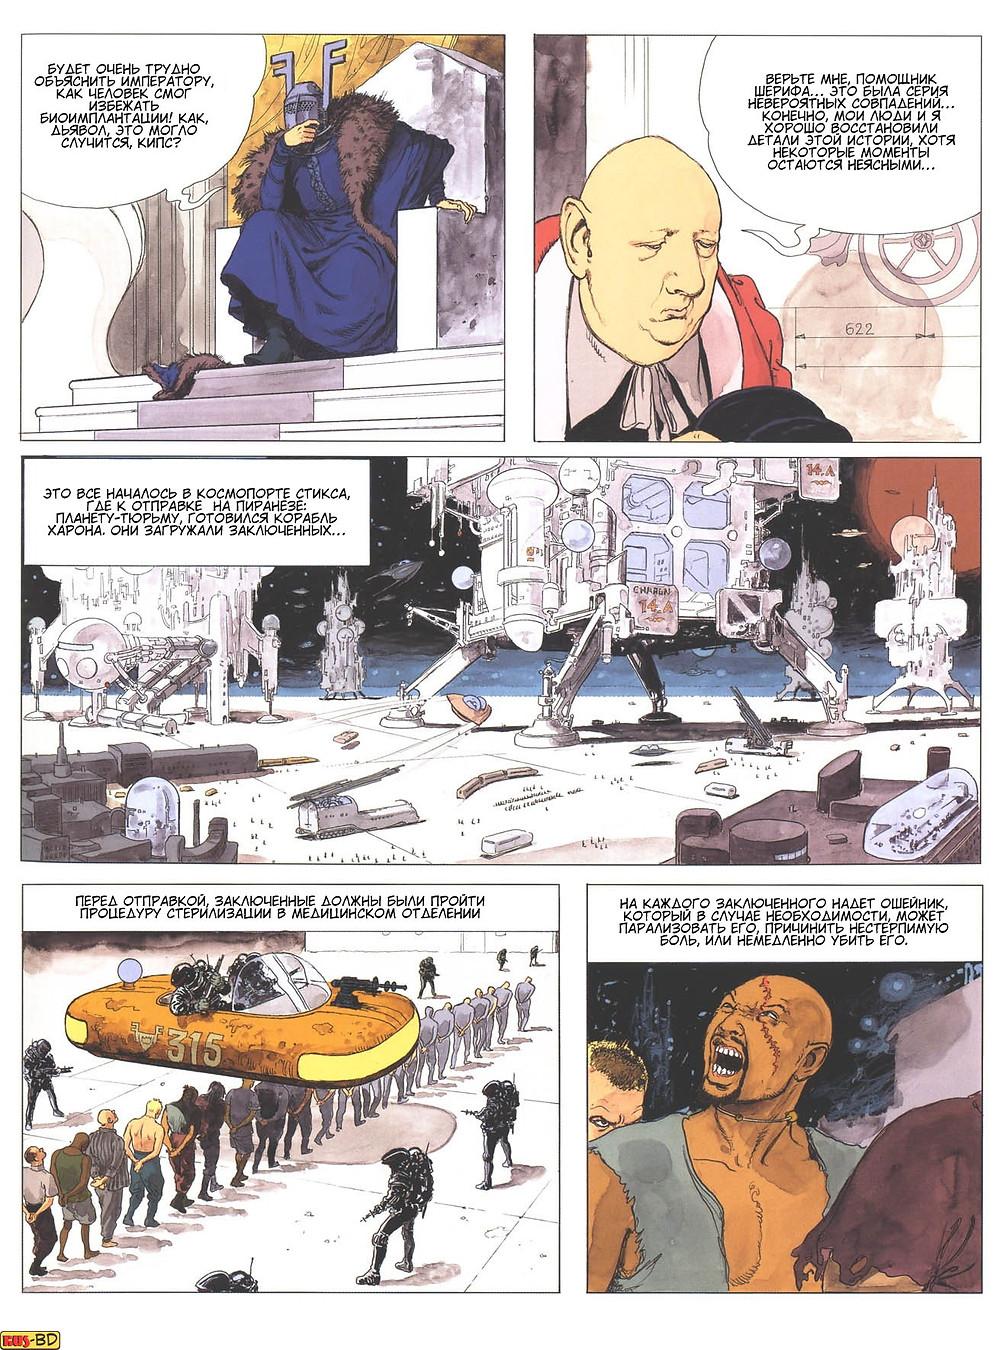 Эротический комикс на русском. Мило Манара. Пиранезе - планета тюрьма. Страница 6